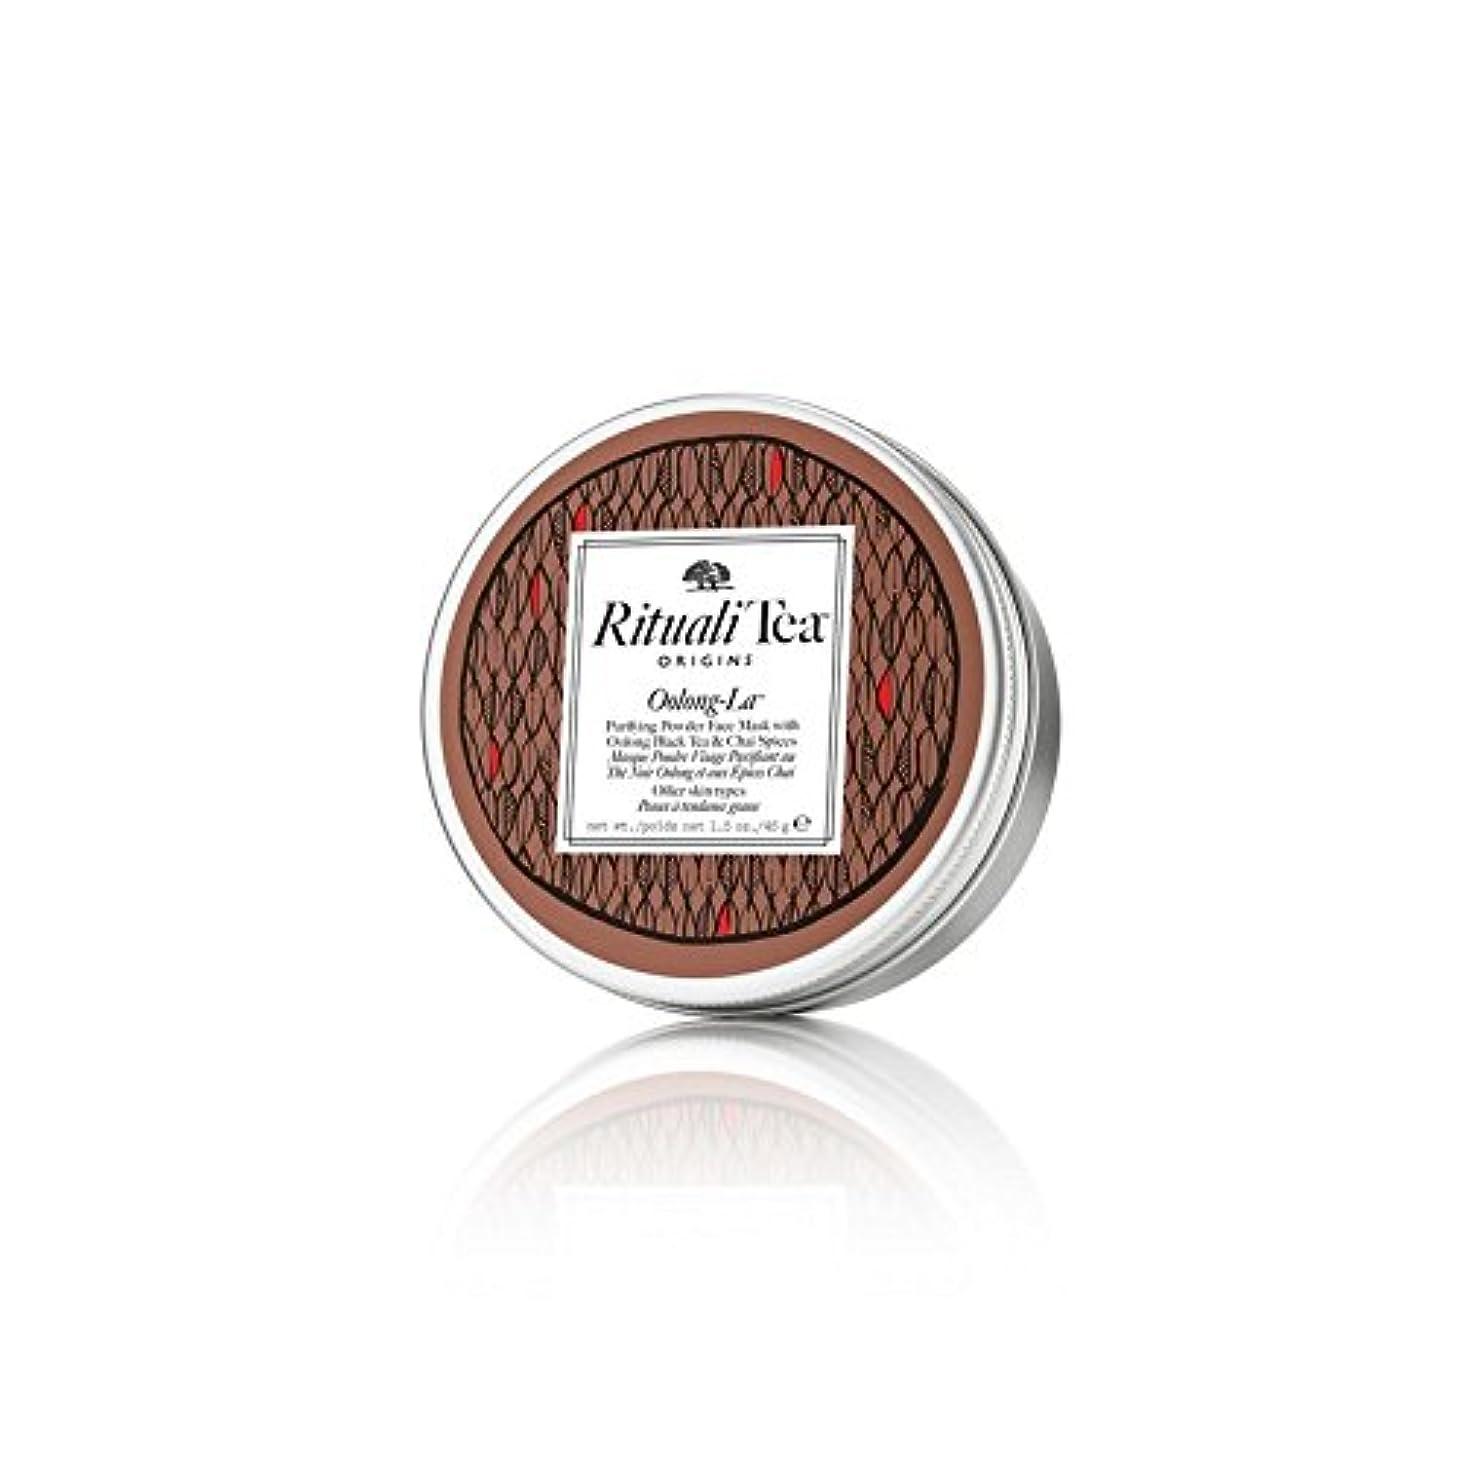 ギャップ推論冷酷な起源抹茶フェイスマスク烏龍茶ラ45グラム x4 - Origins Powdered Tea Face Mask Oolong-La 45g (Pack of 4) [並行輸入品]